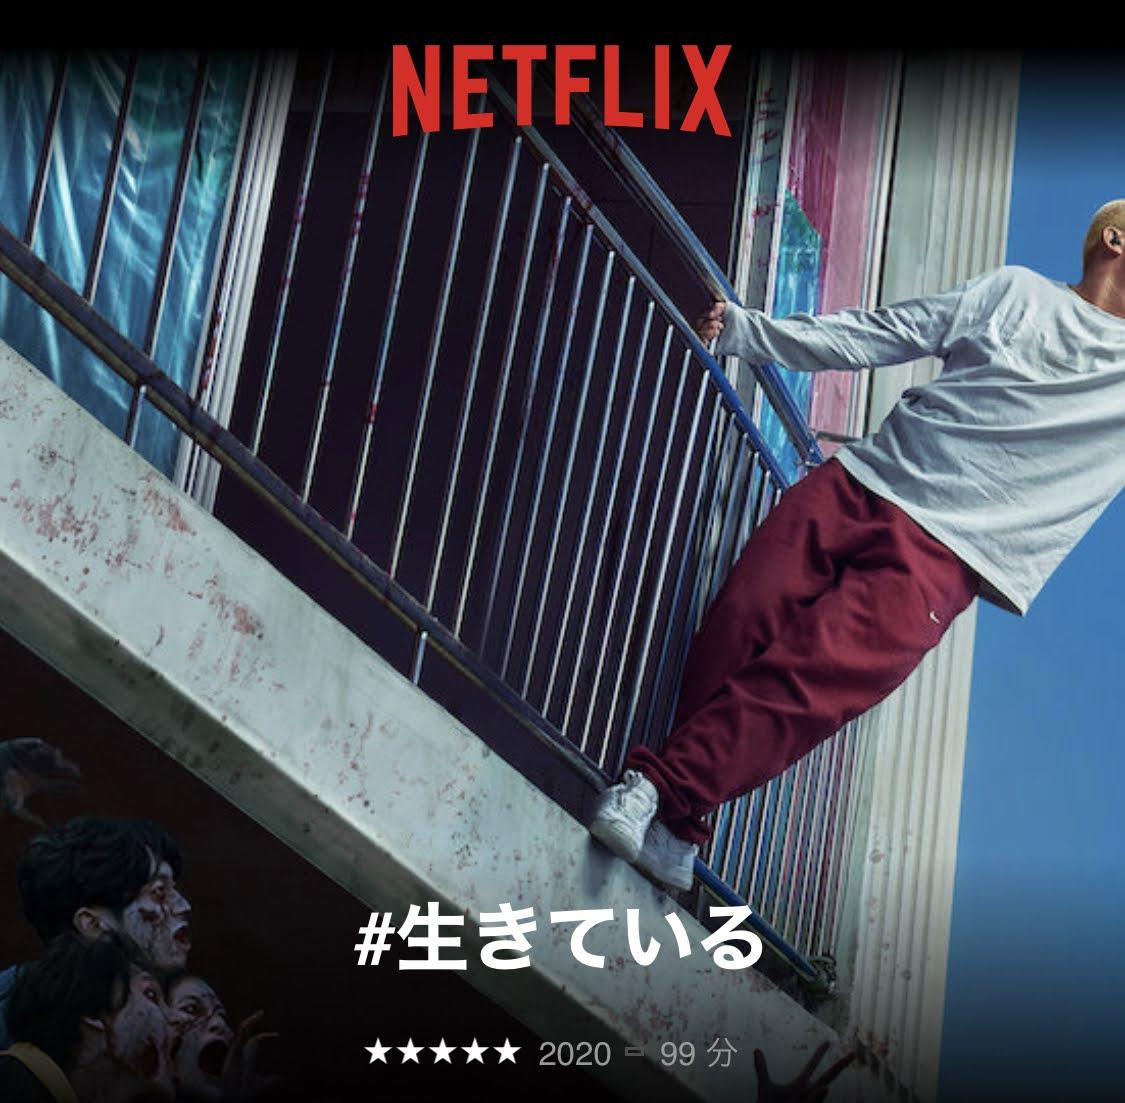 Netflix韓国映画「#生きている」とは?あらすじと見どころを紹介